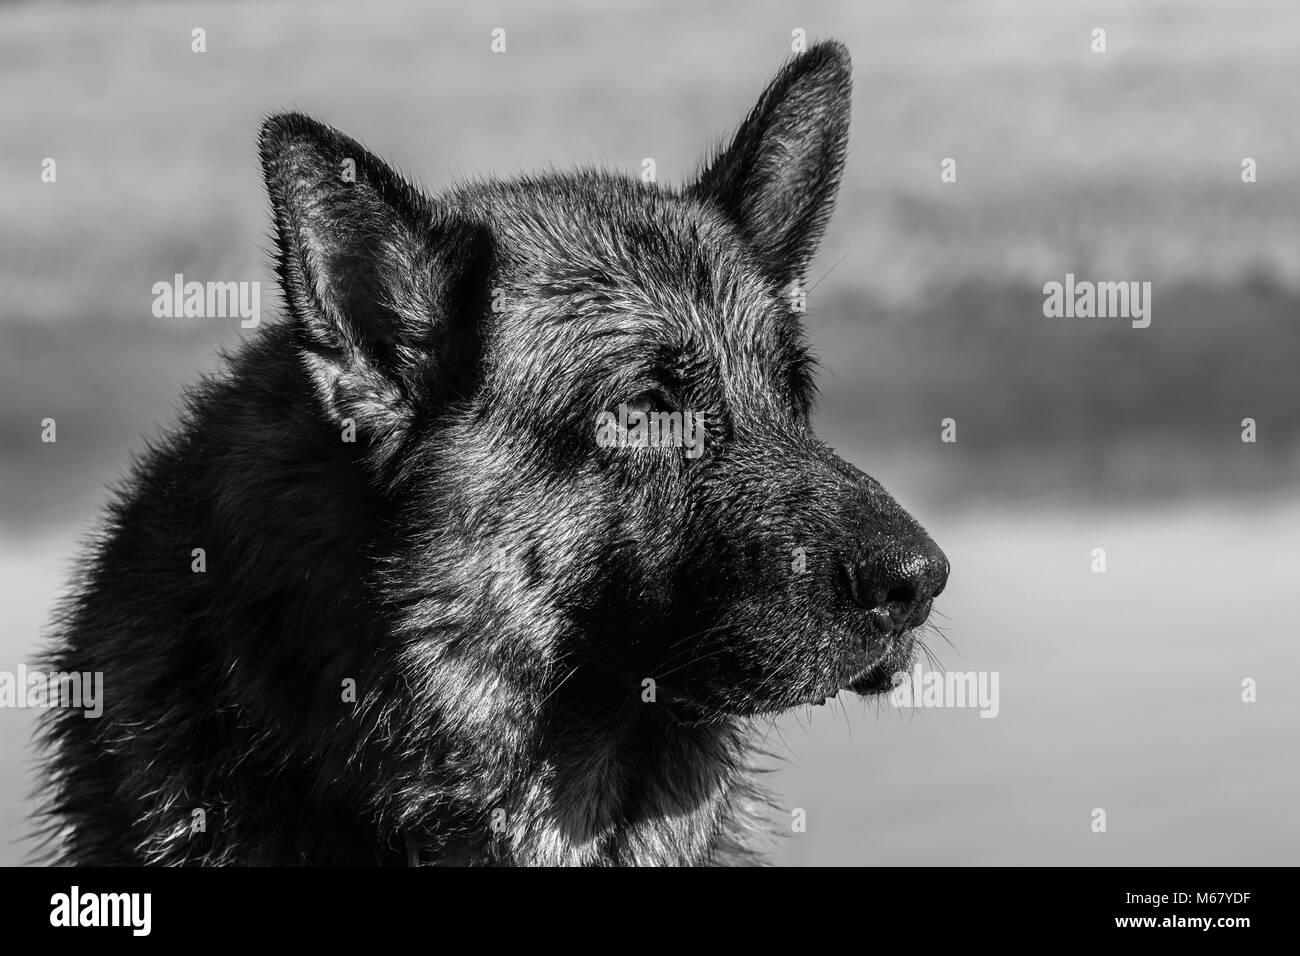 Mon cher ami Odin, une spectaculaire berger allemand, profiter de la plage en hiver, avec bain en mer le berger Photo Stock